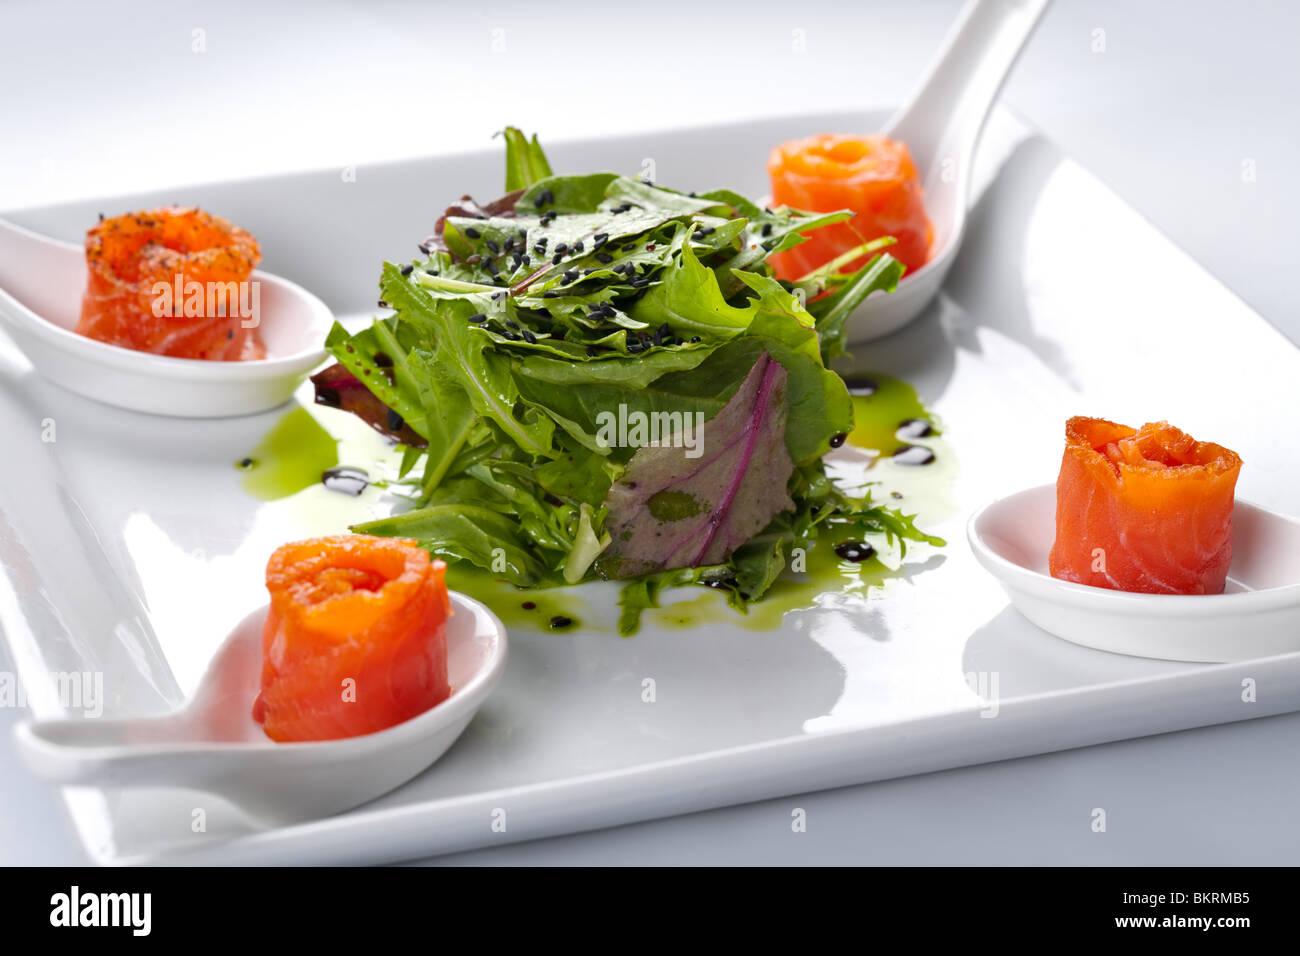 Le saumon dans une assiette blanche. Au milieu de la salade de roquette. Banque D'Images